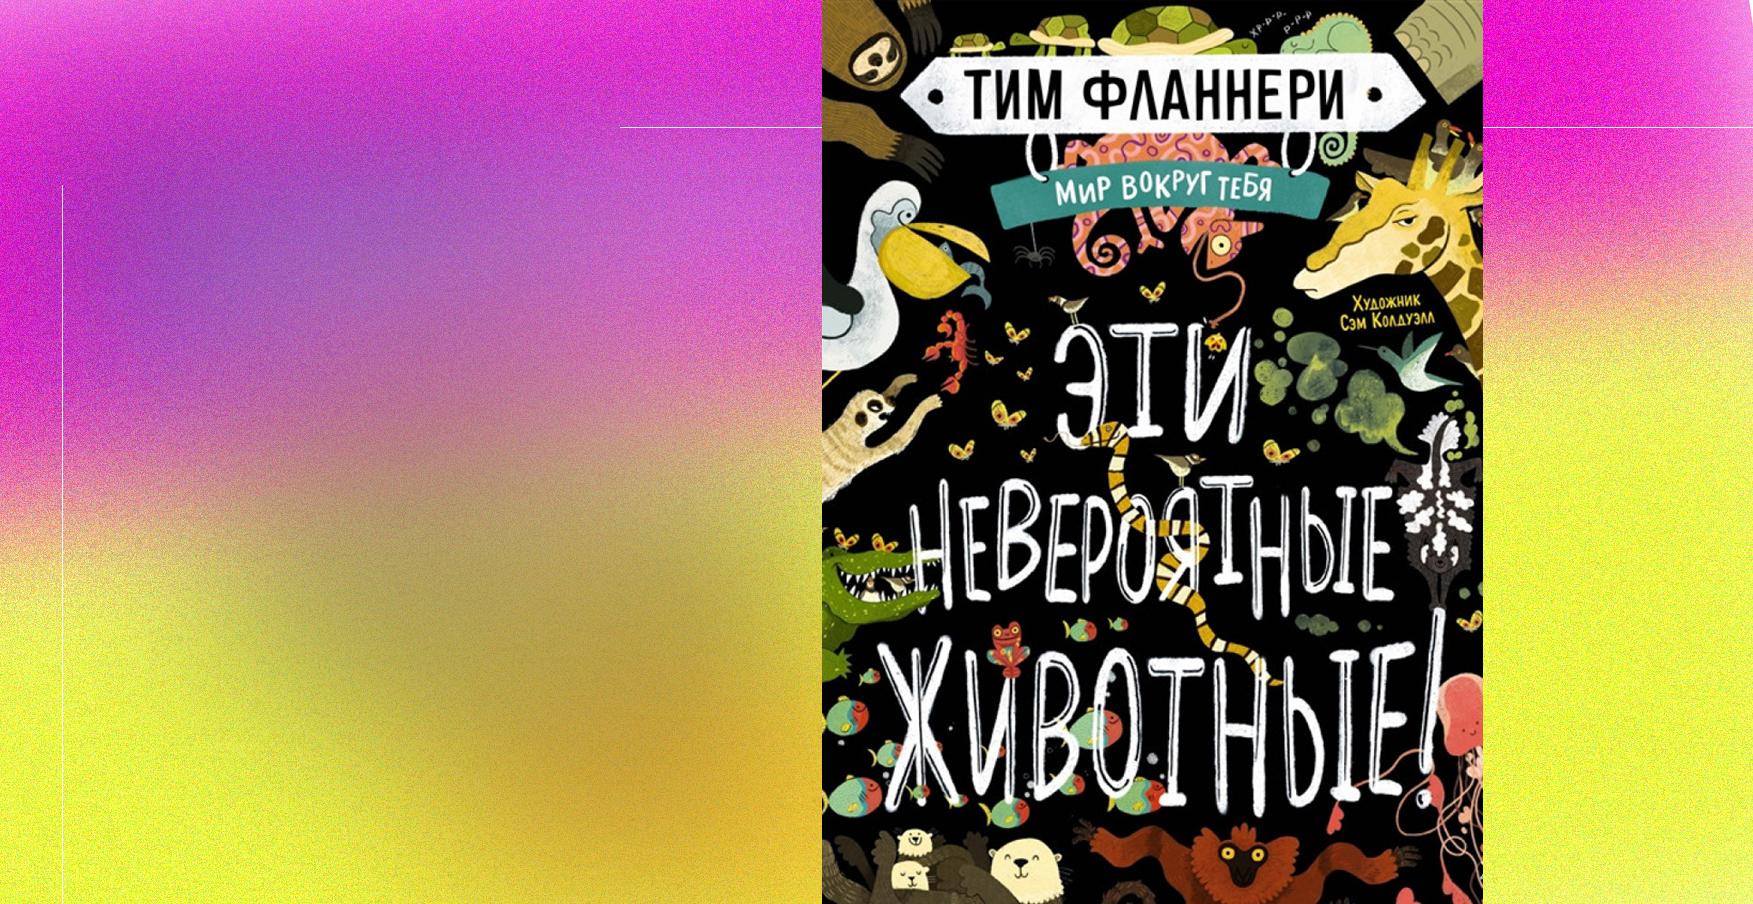 Книга, Мир вокруг тебя, Тим Фланнери, 978-5-389-18651-4